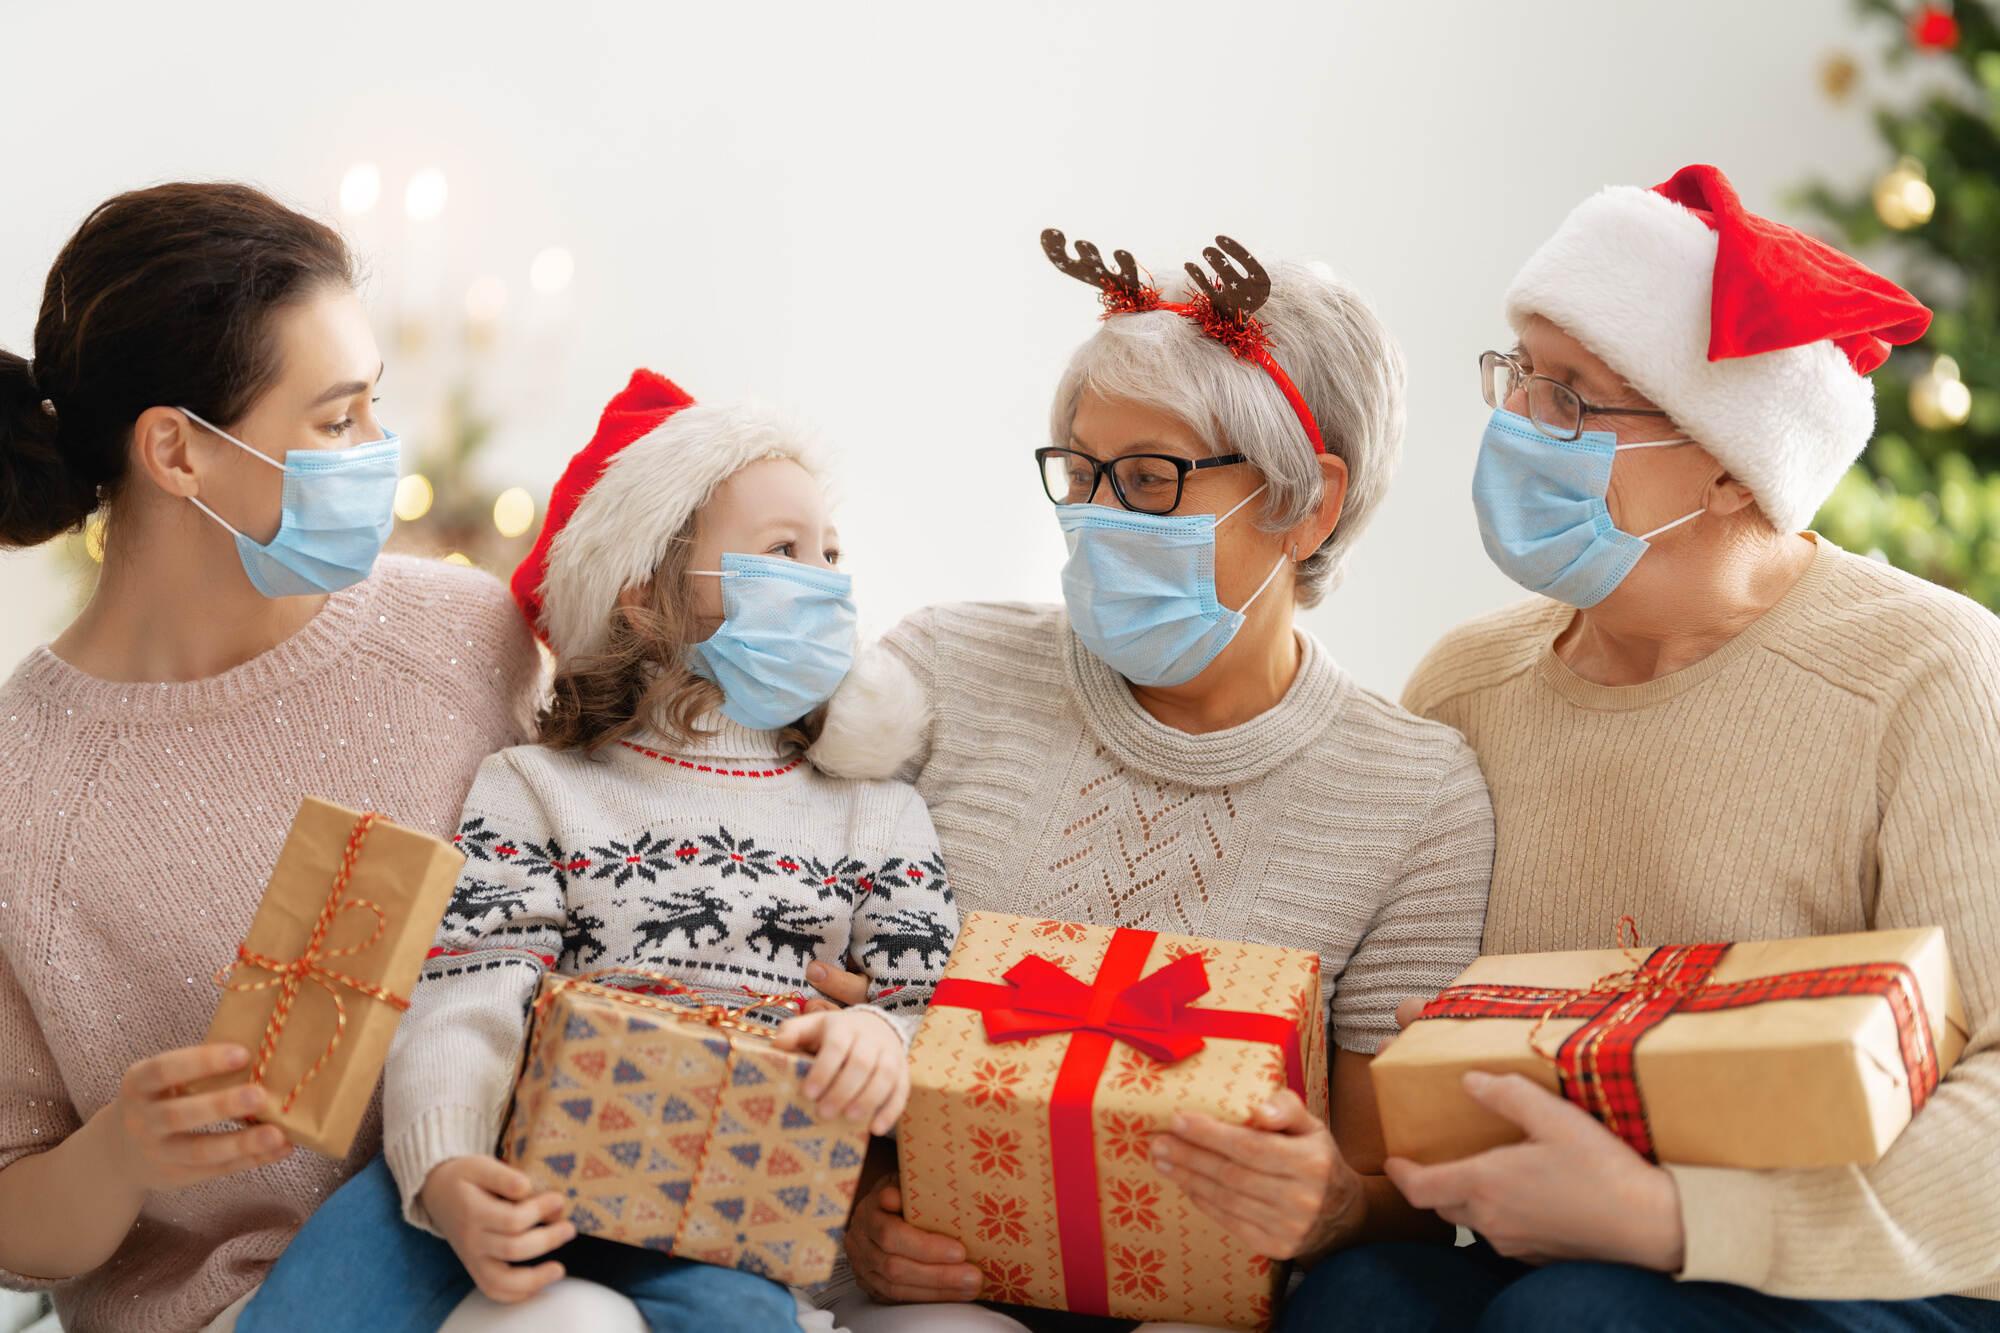 Corona Verordnung Was Ist Eigentlich An Weihnachten Und Silvester In Baden Wurttemberg Erlaubt Region Pforzheimer Zeitung